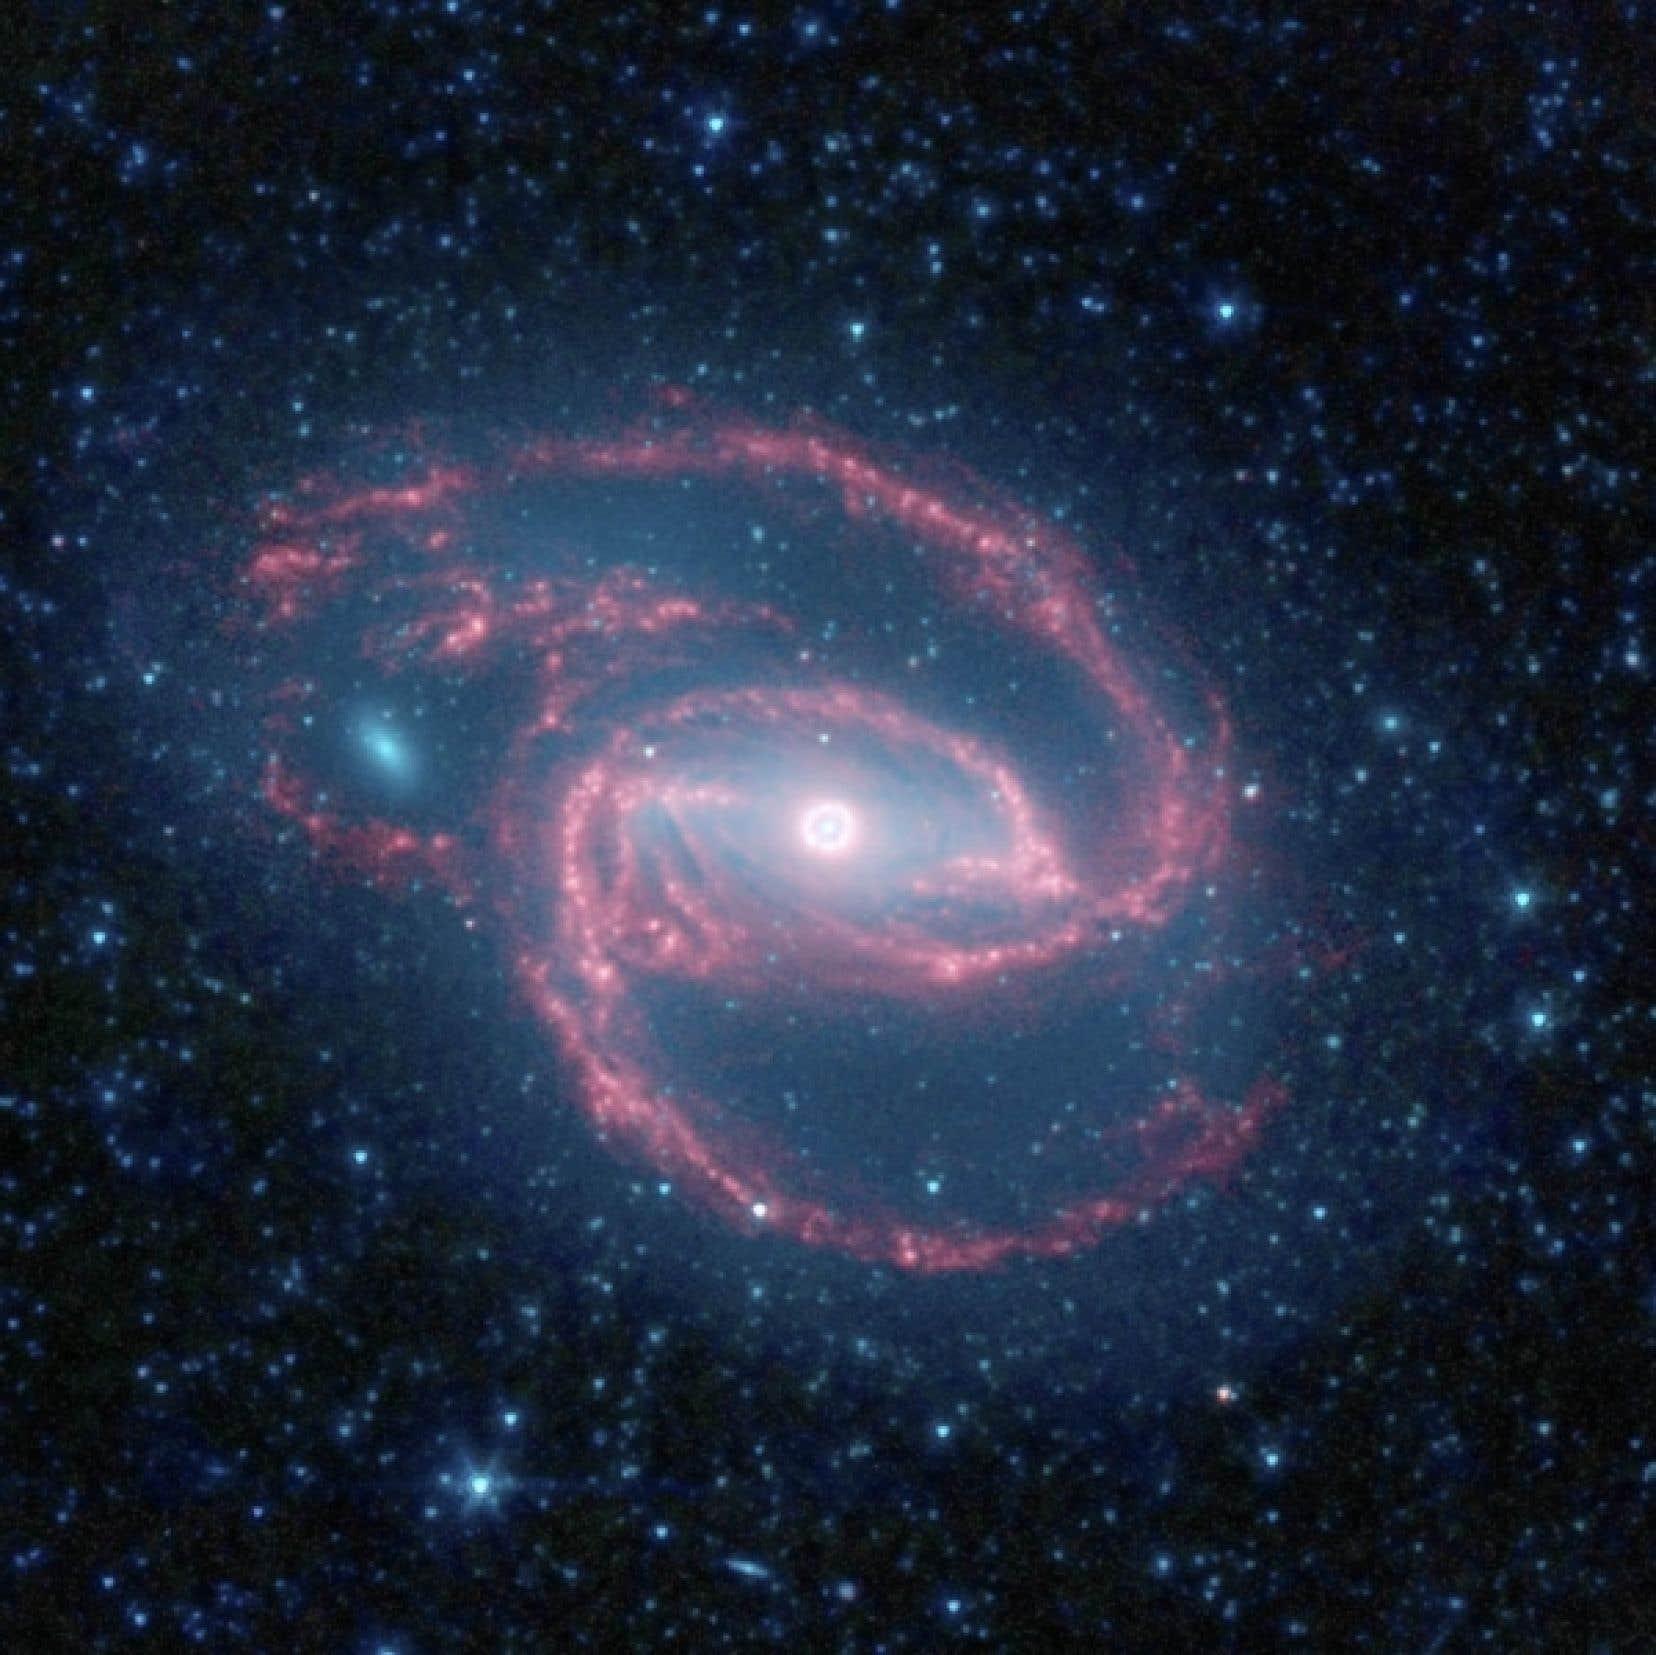 Une image de la galaxie NGC 1097, qui présente une forme semblable à celle de la Voie lactée.<br />